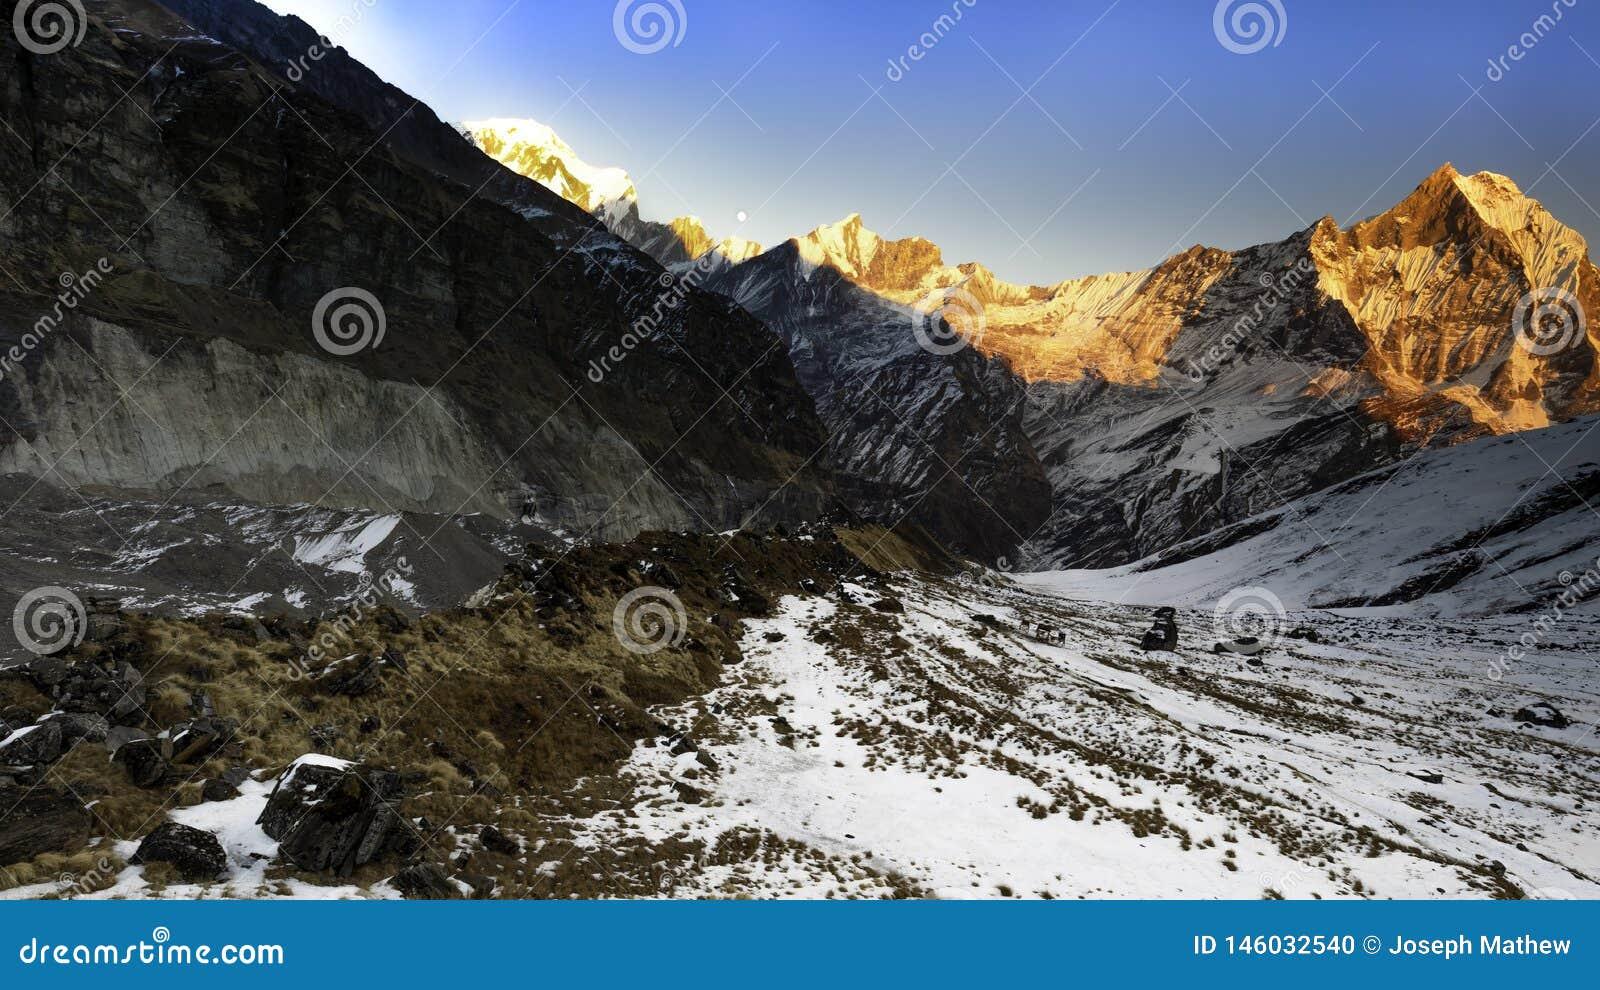 Sunset view of Annapurna